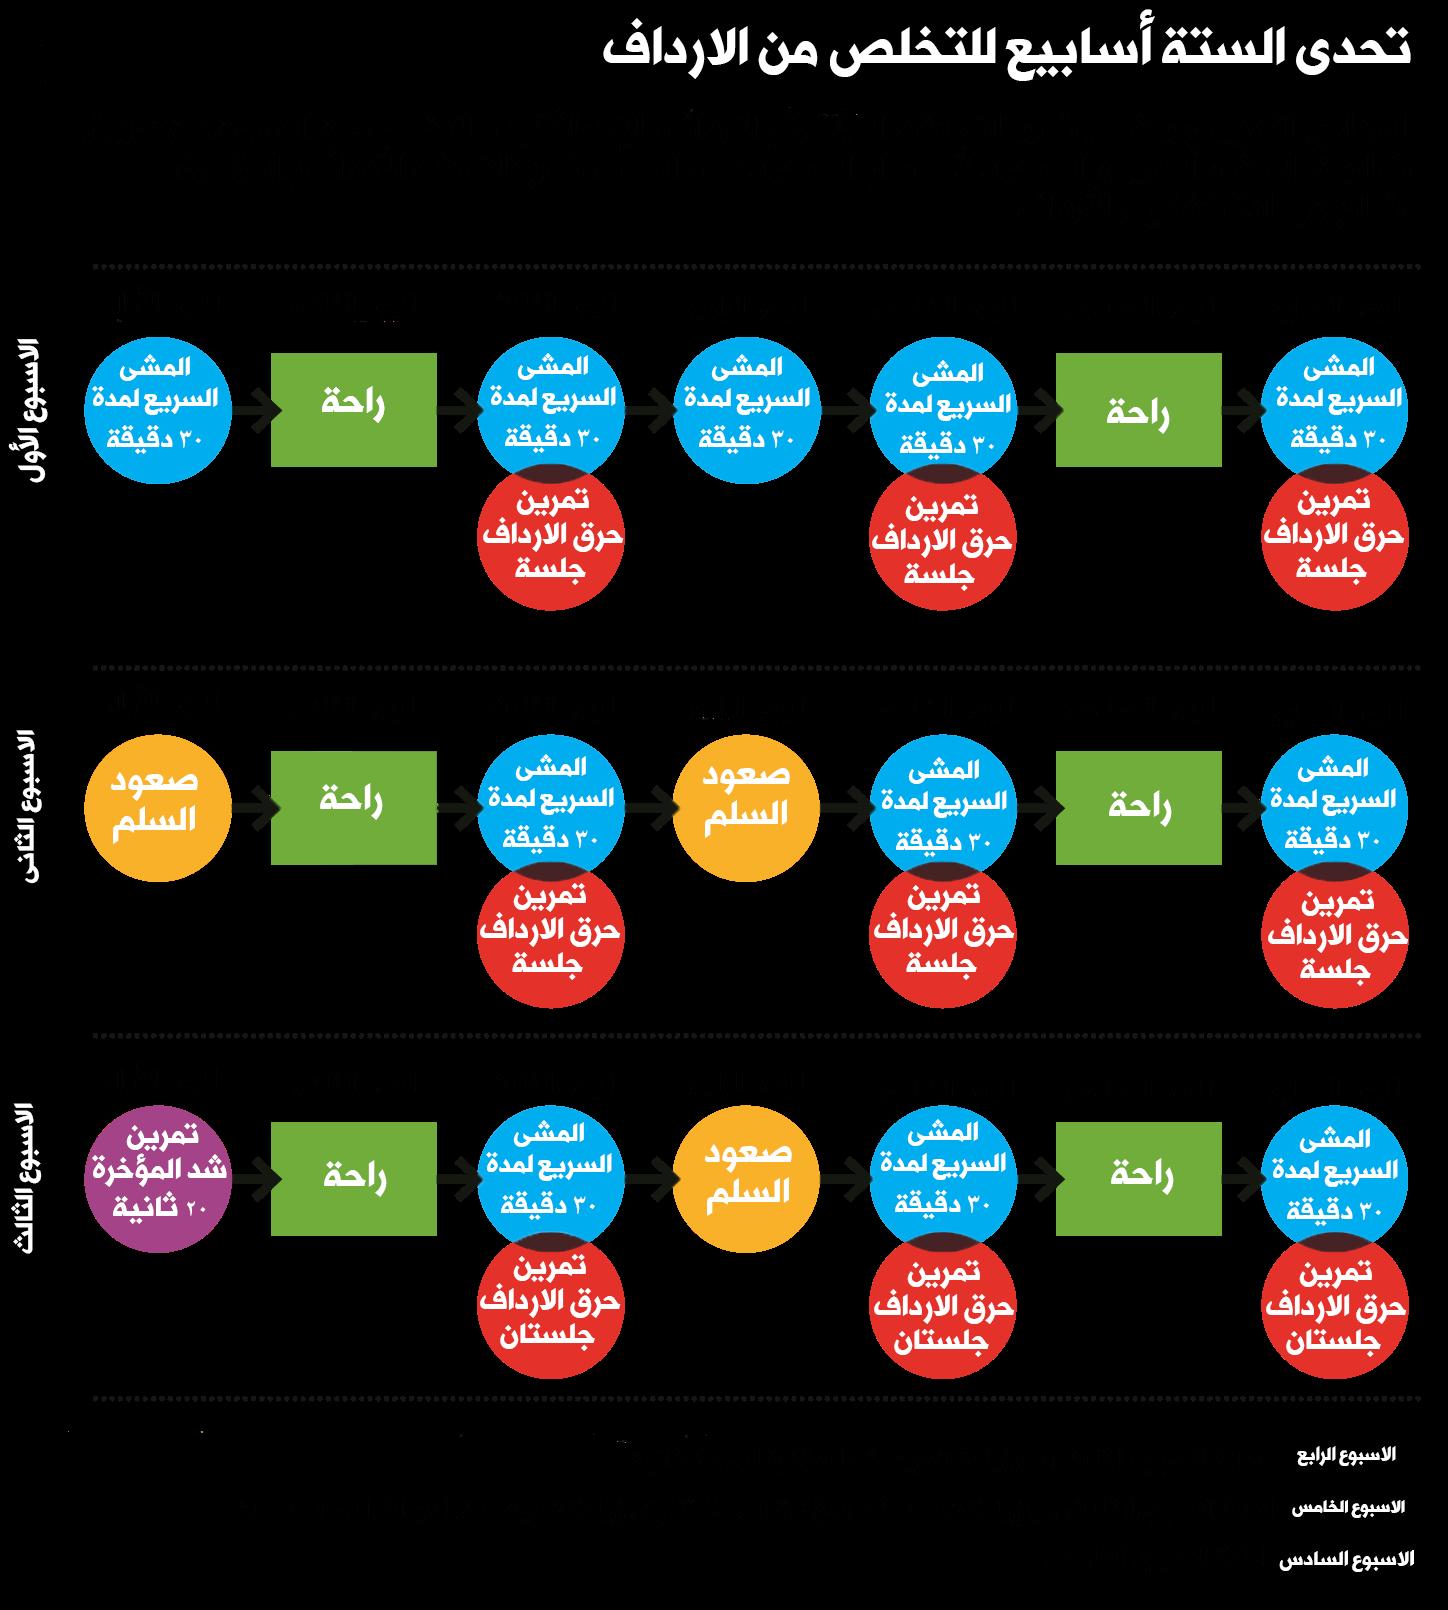 جدول تمارين لتخسيس الارداف والافخاذ والمؤخرة